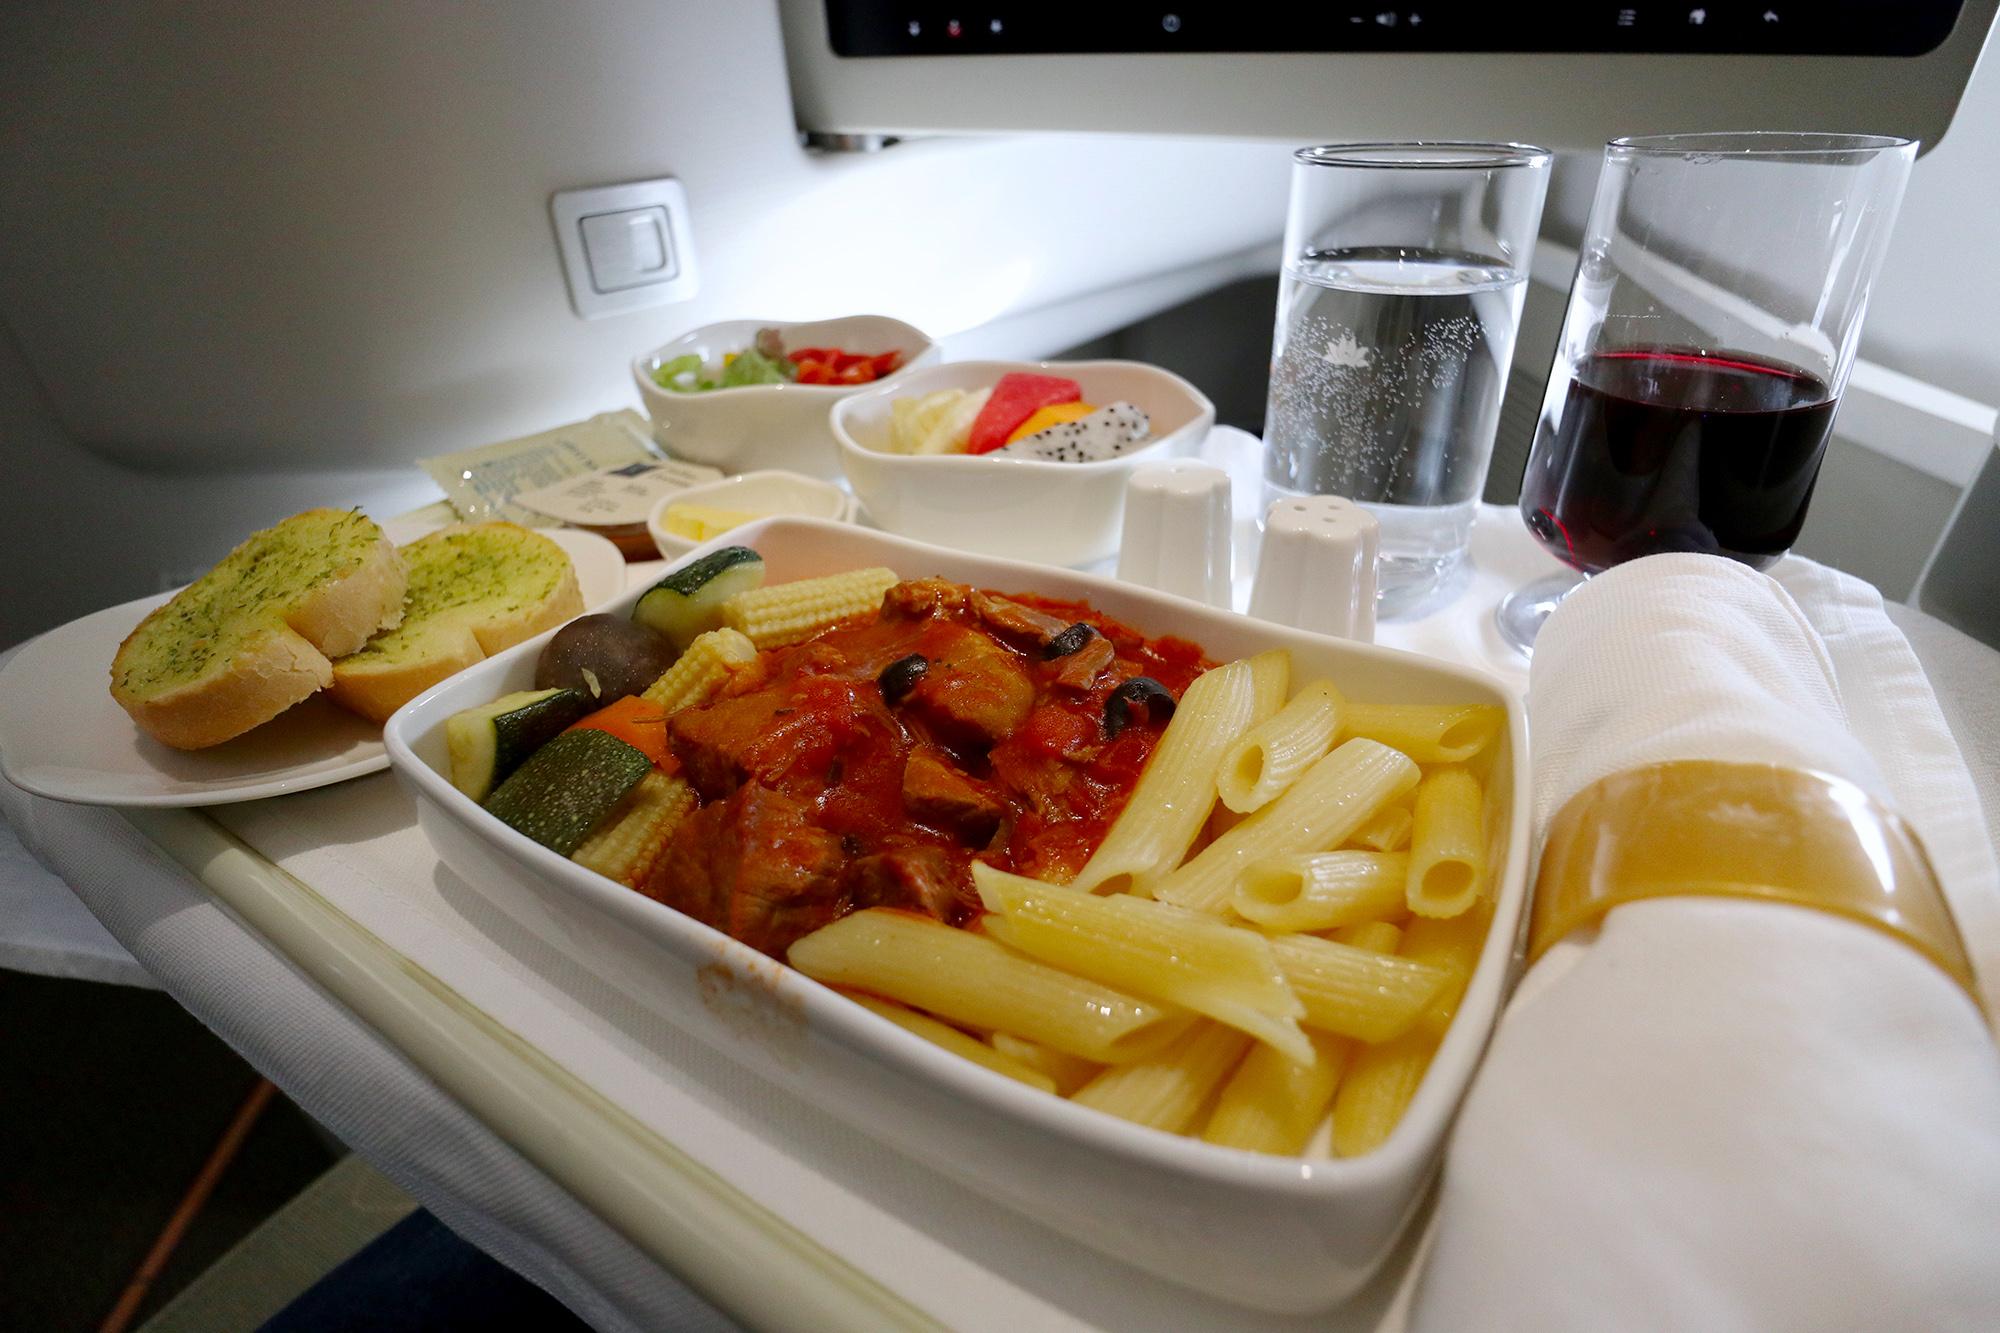 Food - Beef Penne.jpg